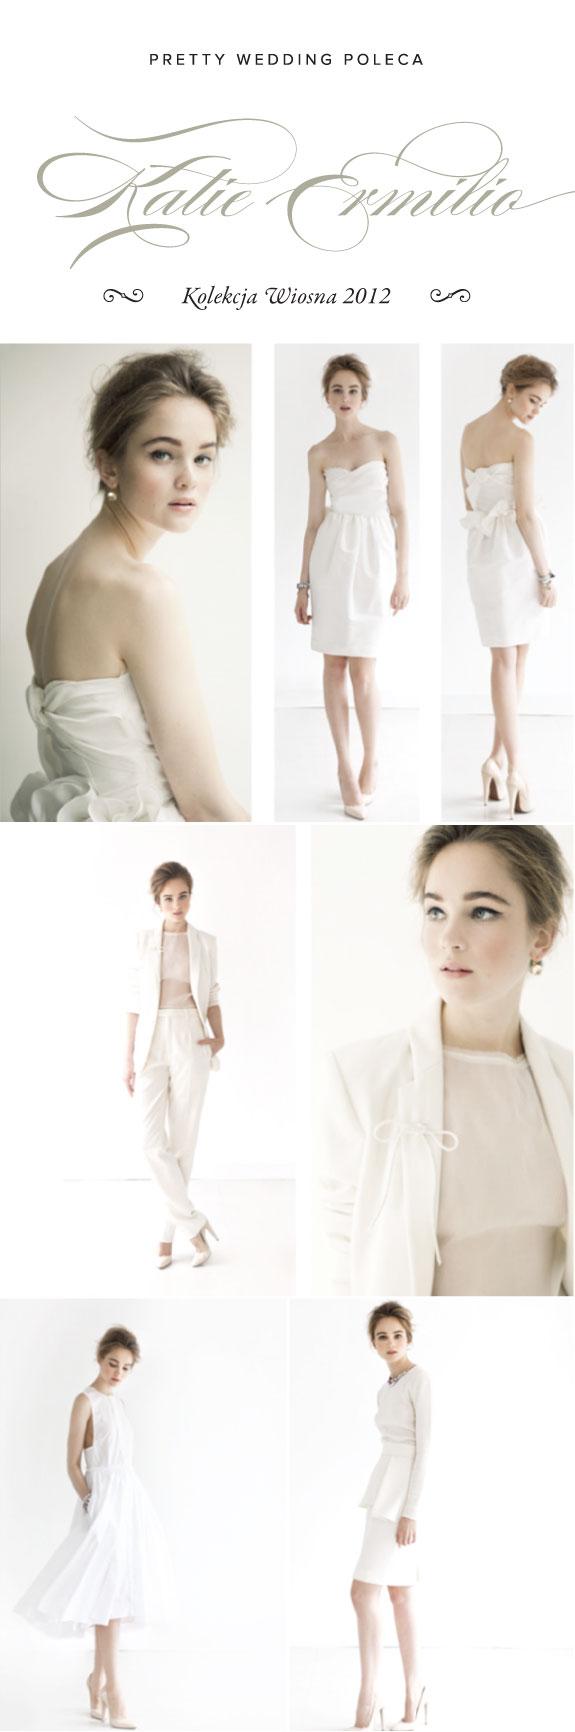 Białe Kobiece Suknie od Katie Ermilio z Kolekcji 2012